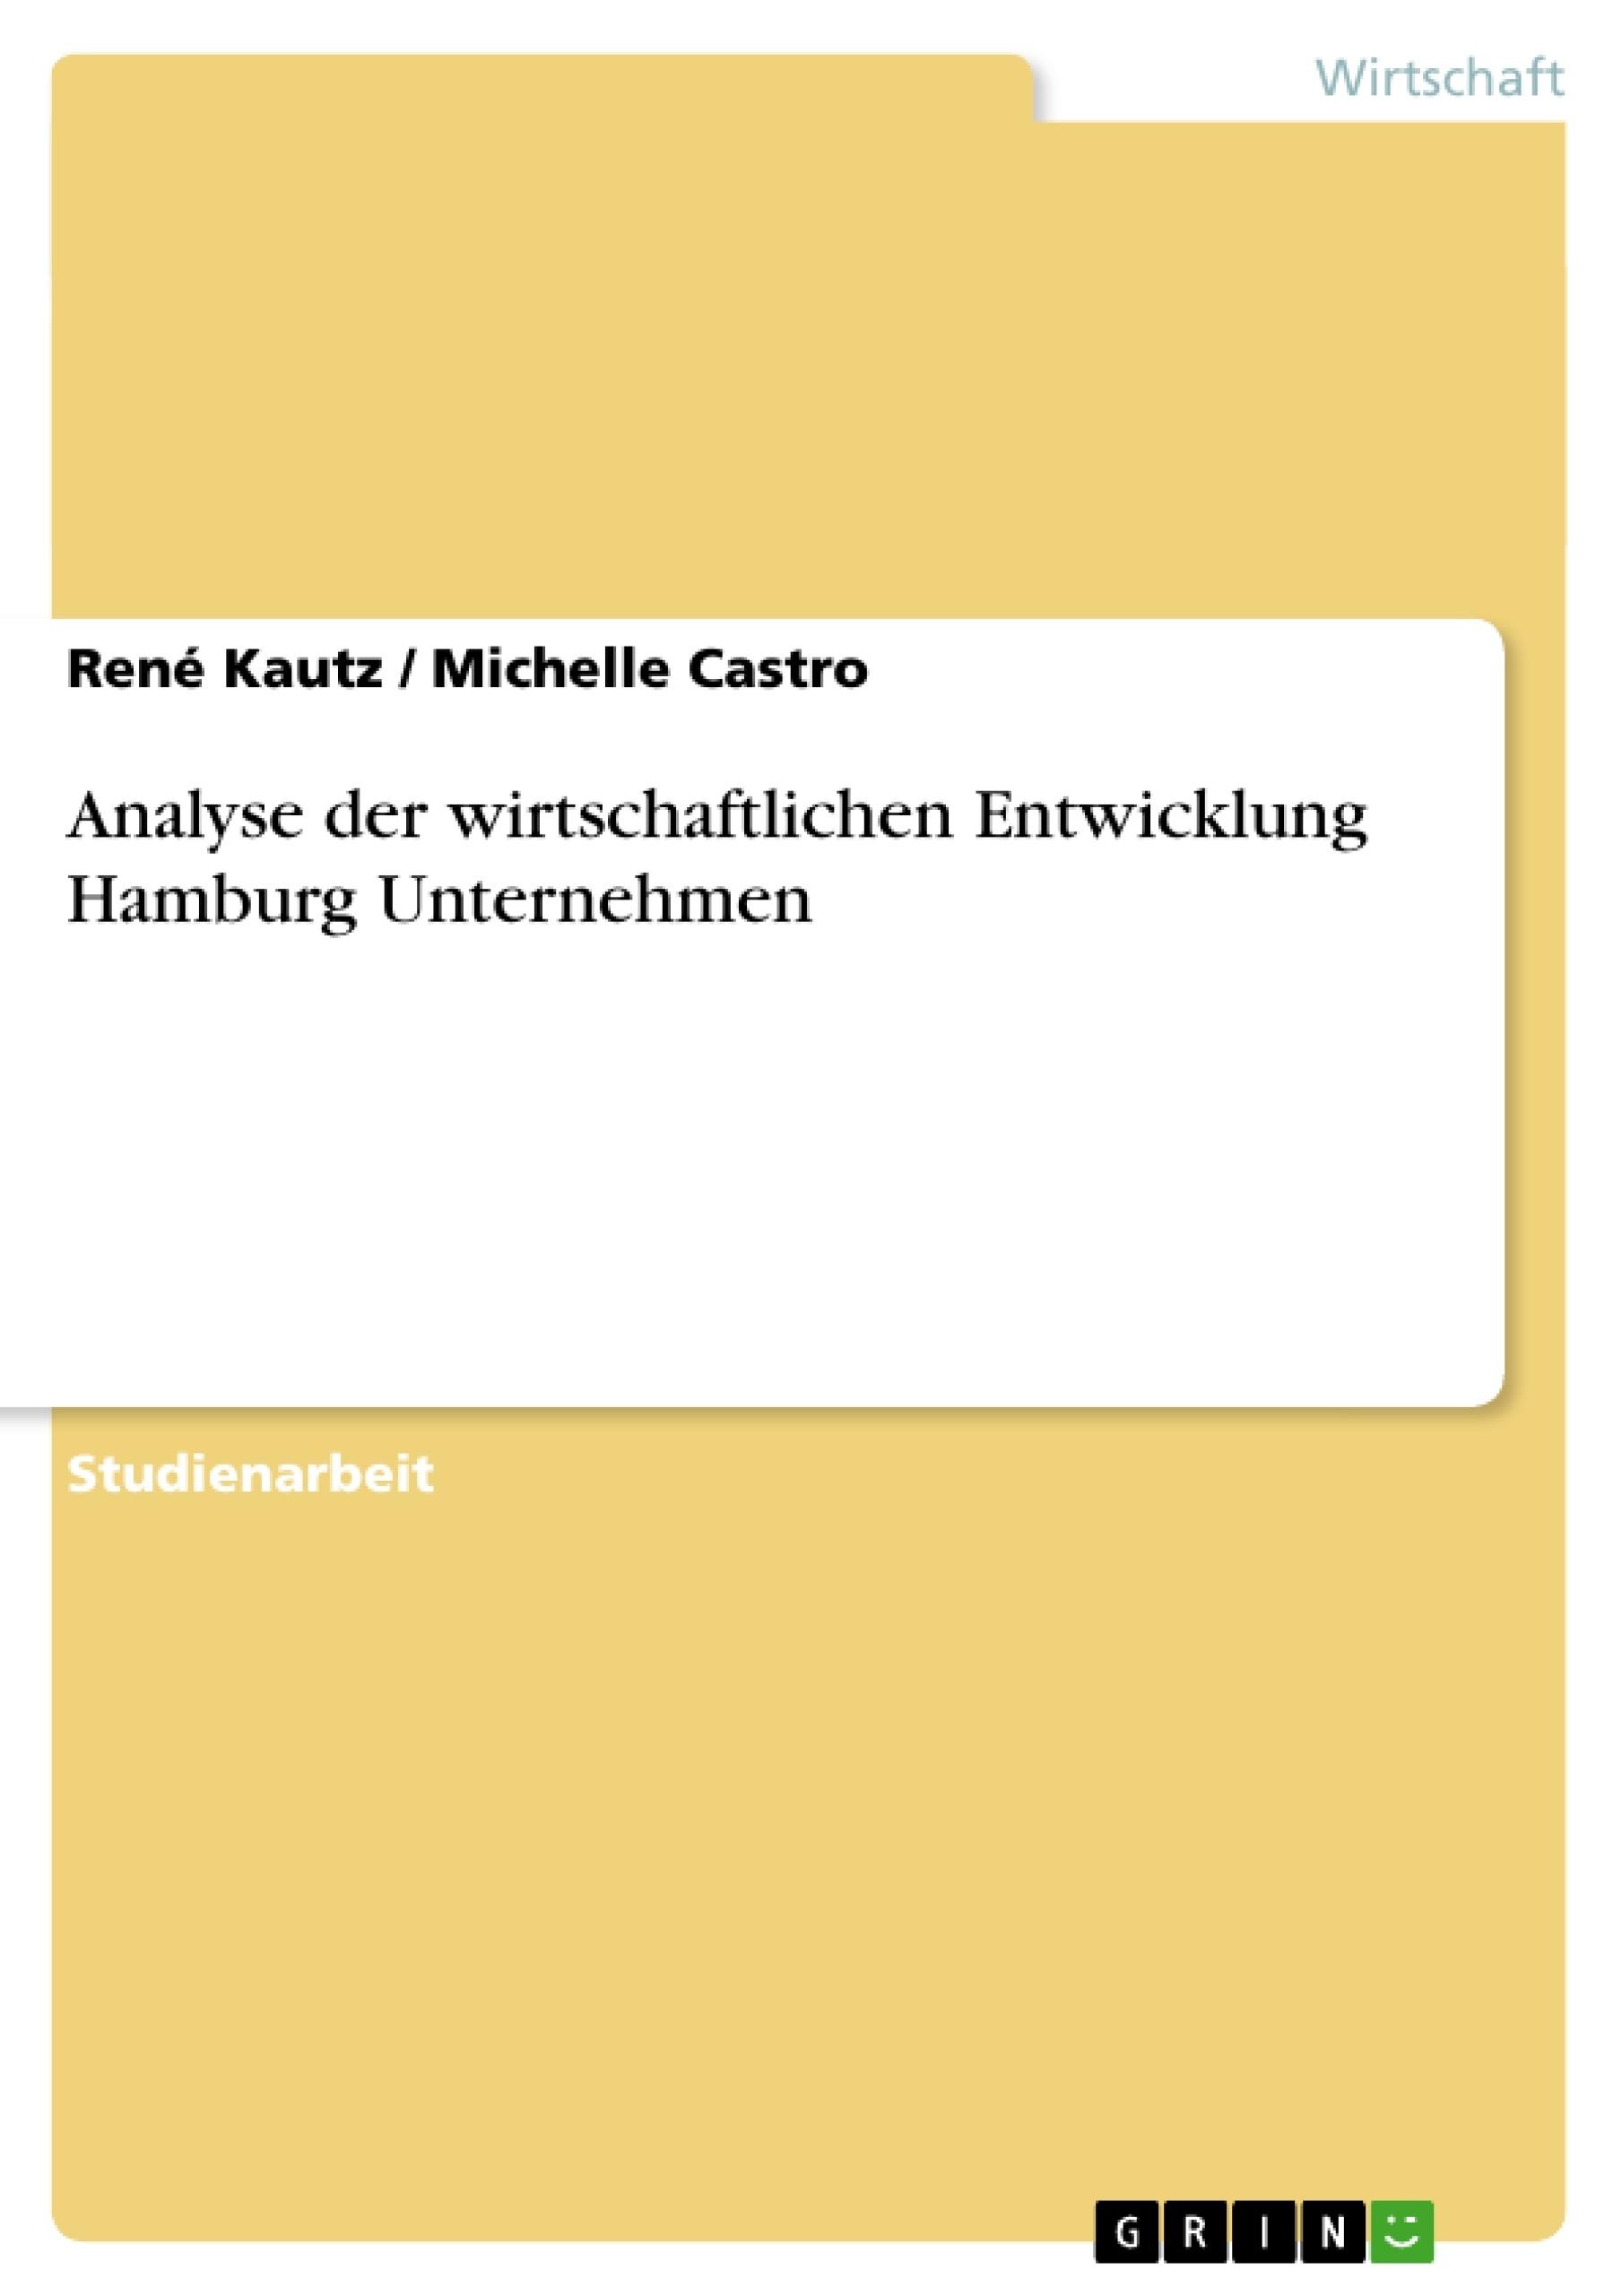 Titel: Analyse der wirtschaftlichen Entwicklung Hamburg Unternehmen